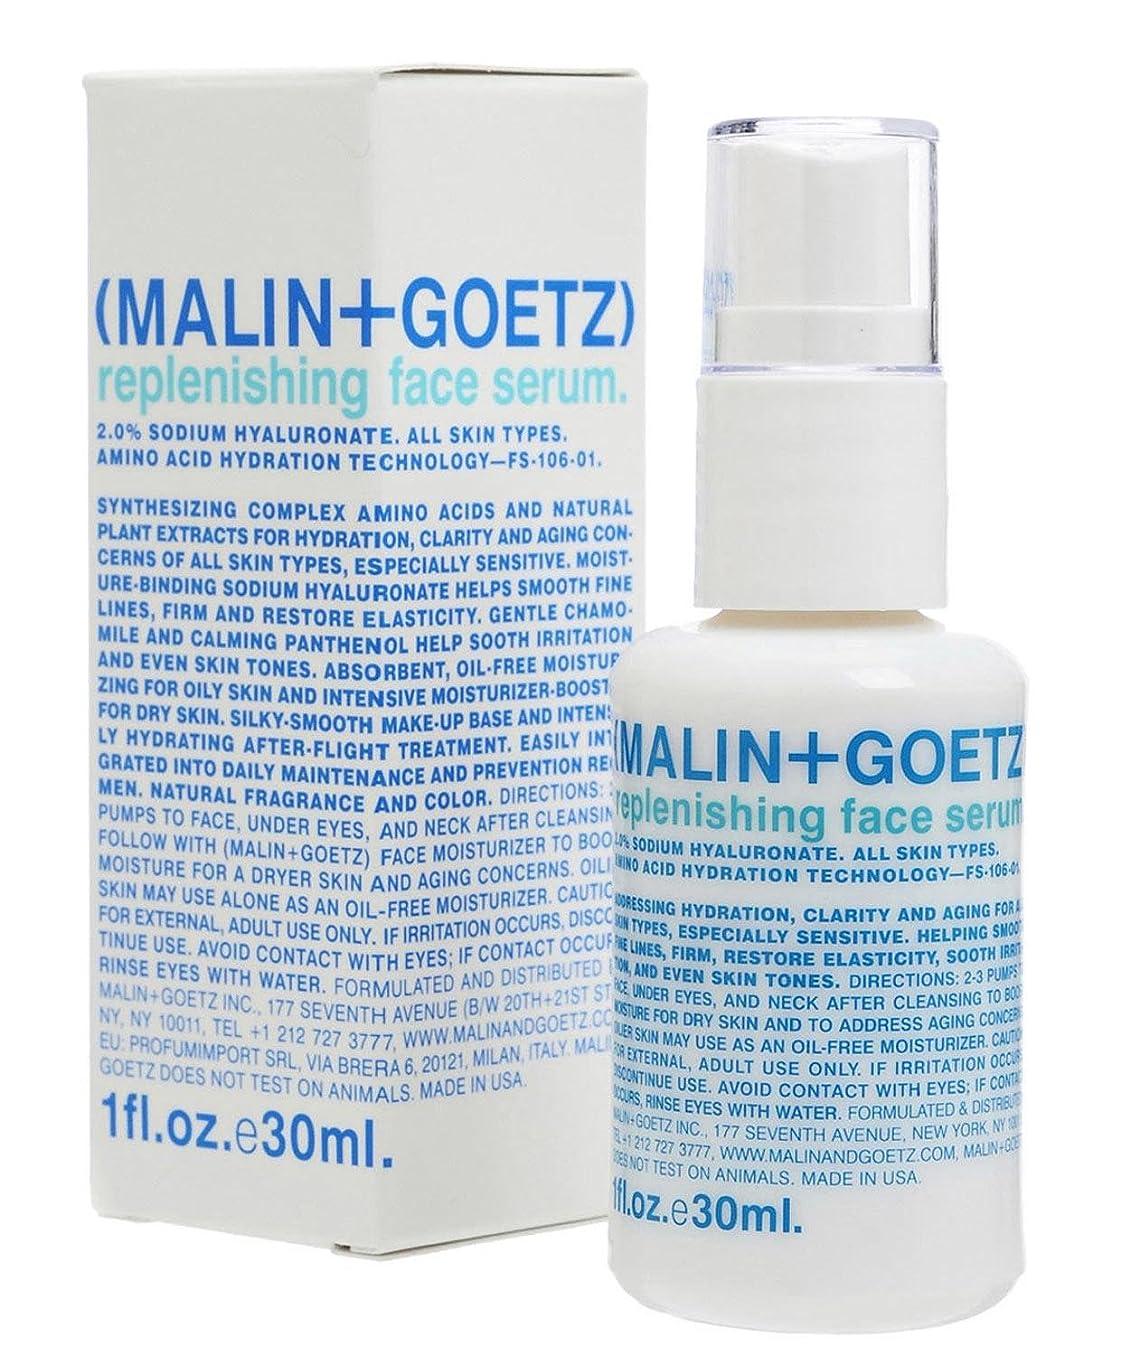 勤勉な対話逆さまにマリン+ゲッツ補充顔の血清 x2 - MALIN+GOETZ Replenishing Face Serum (Pack of 2) [並行輸入品]